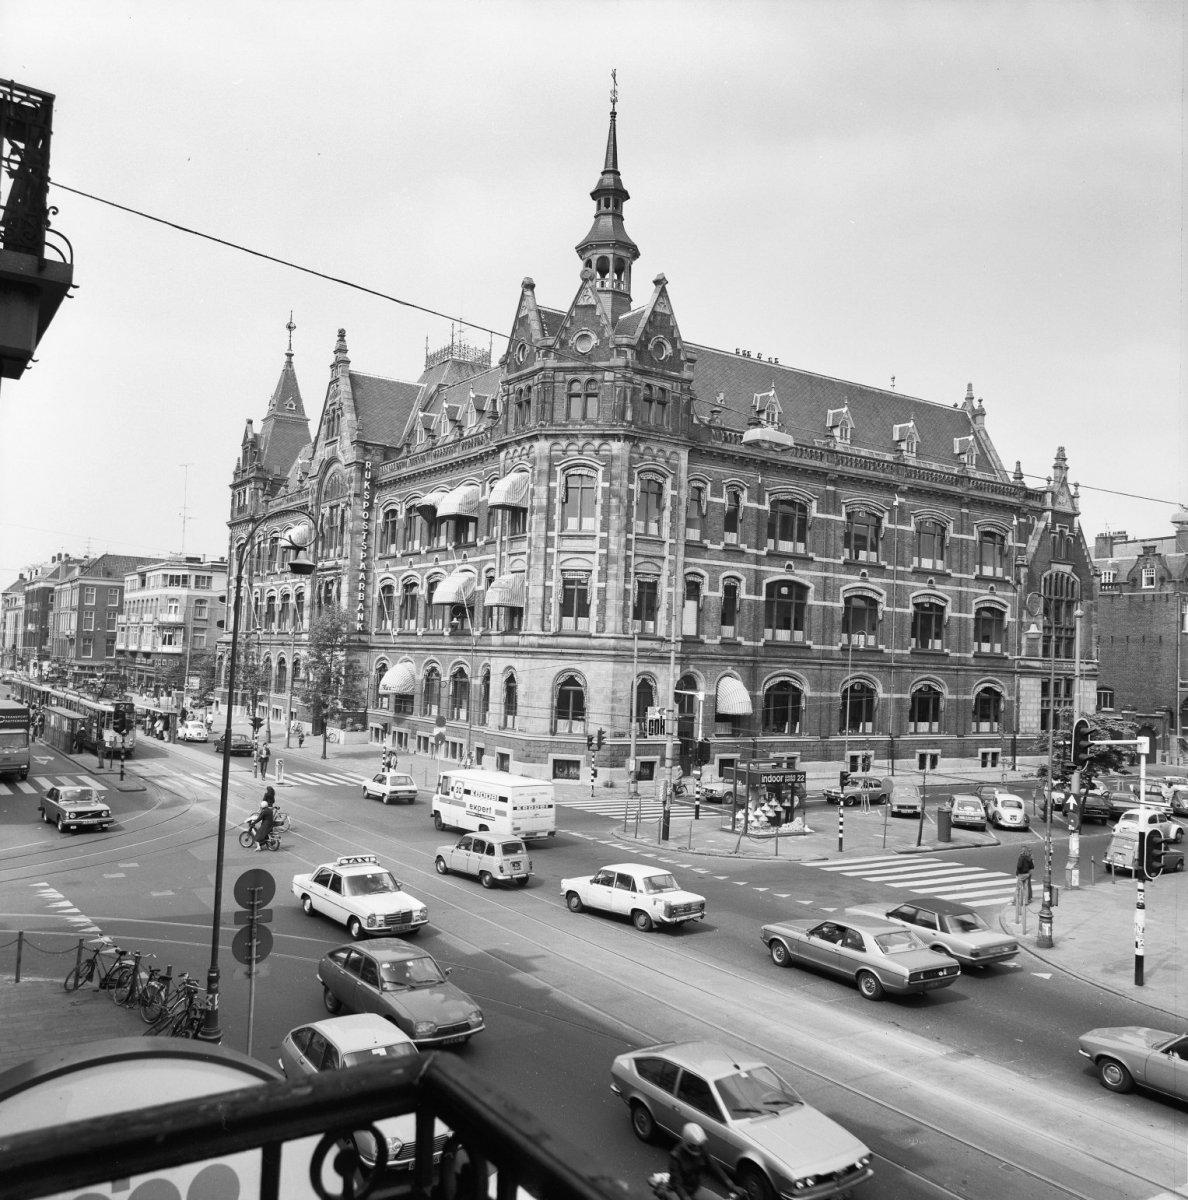 About: Van Baerlestraat